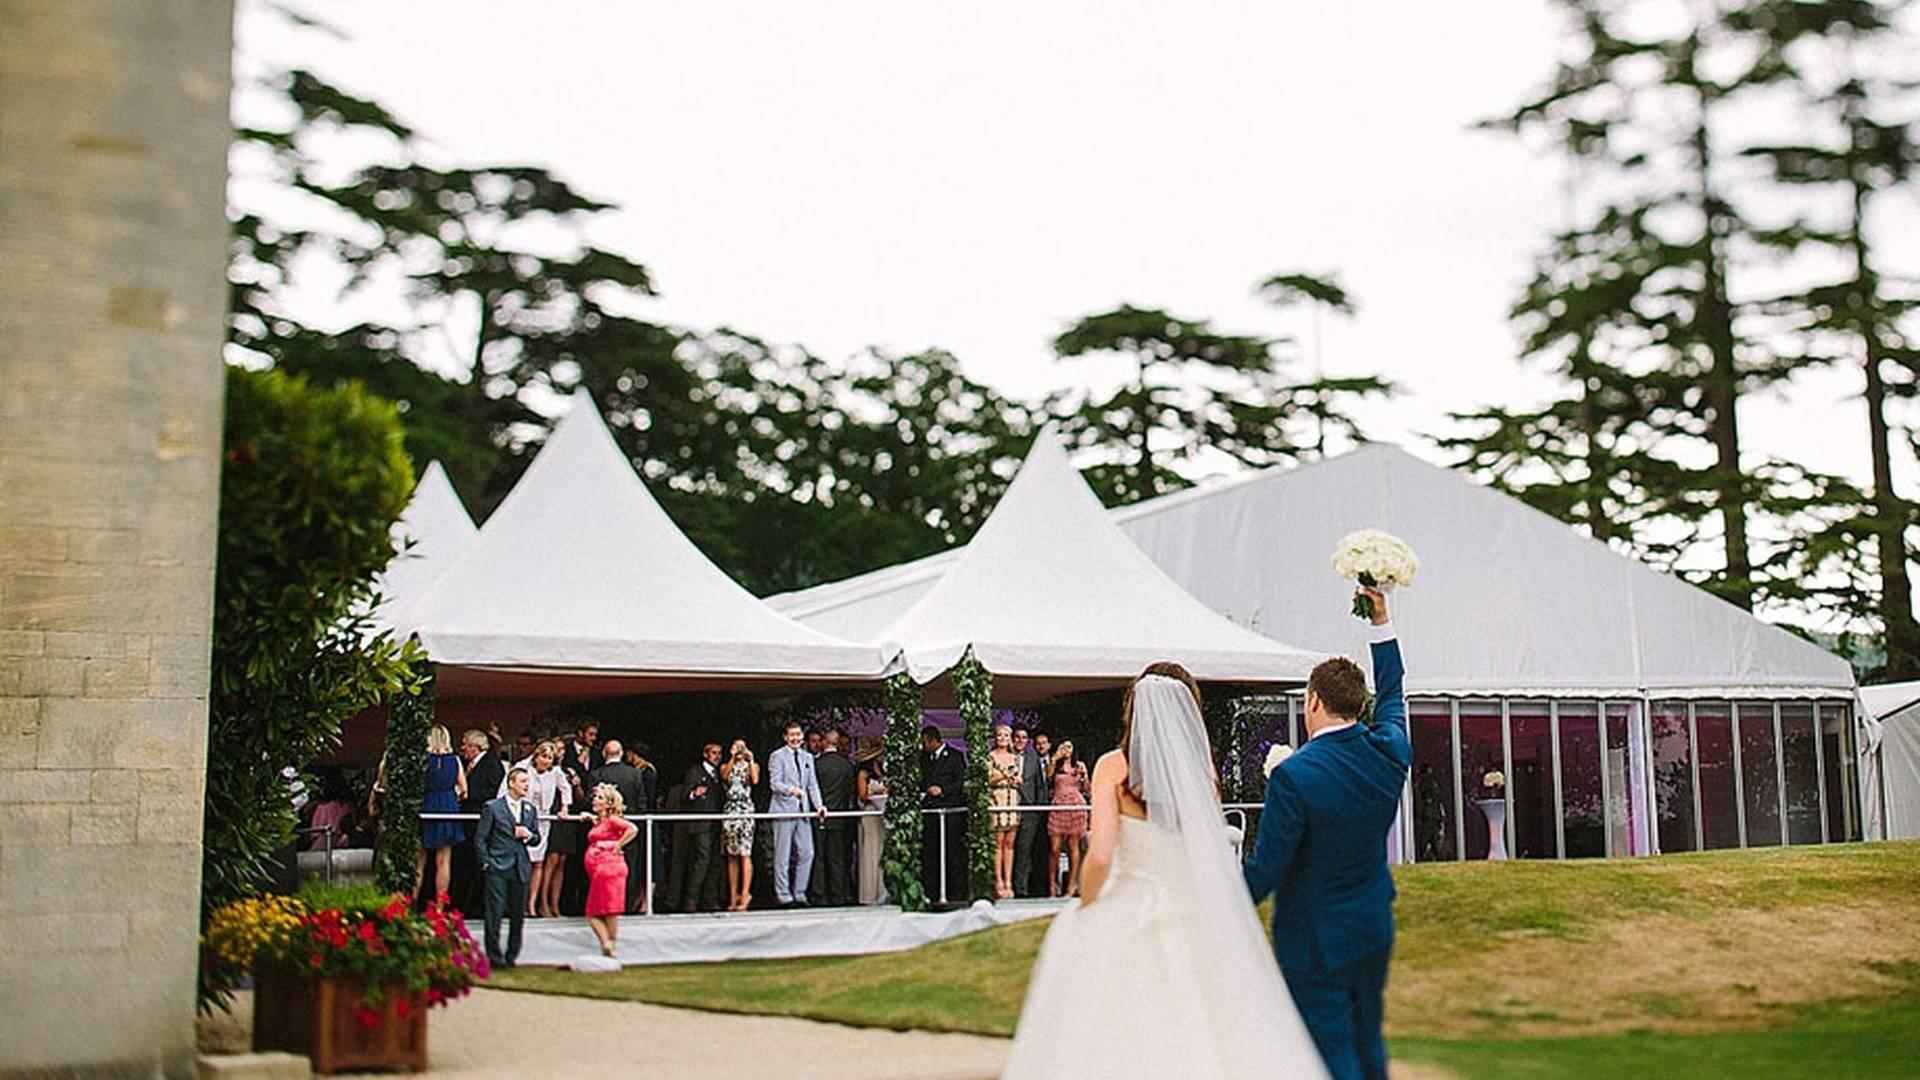 luxury weddings and celebrity wedding days arranged by TLC LTD Taylor Lynn Corporation